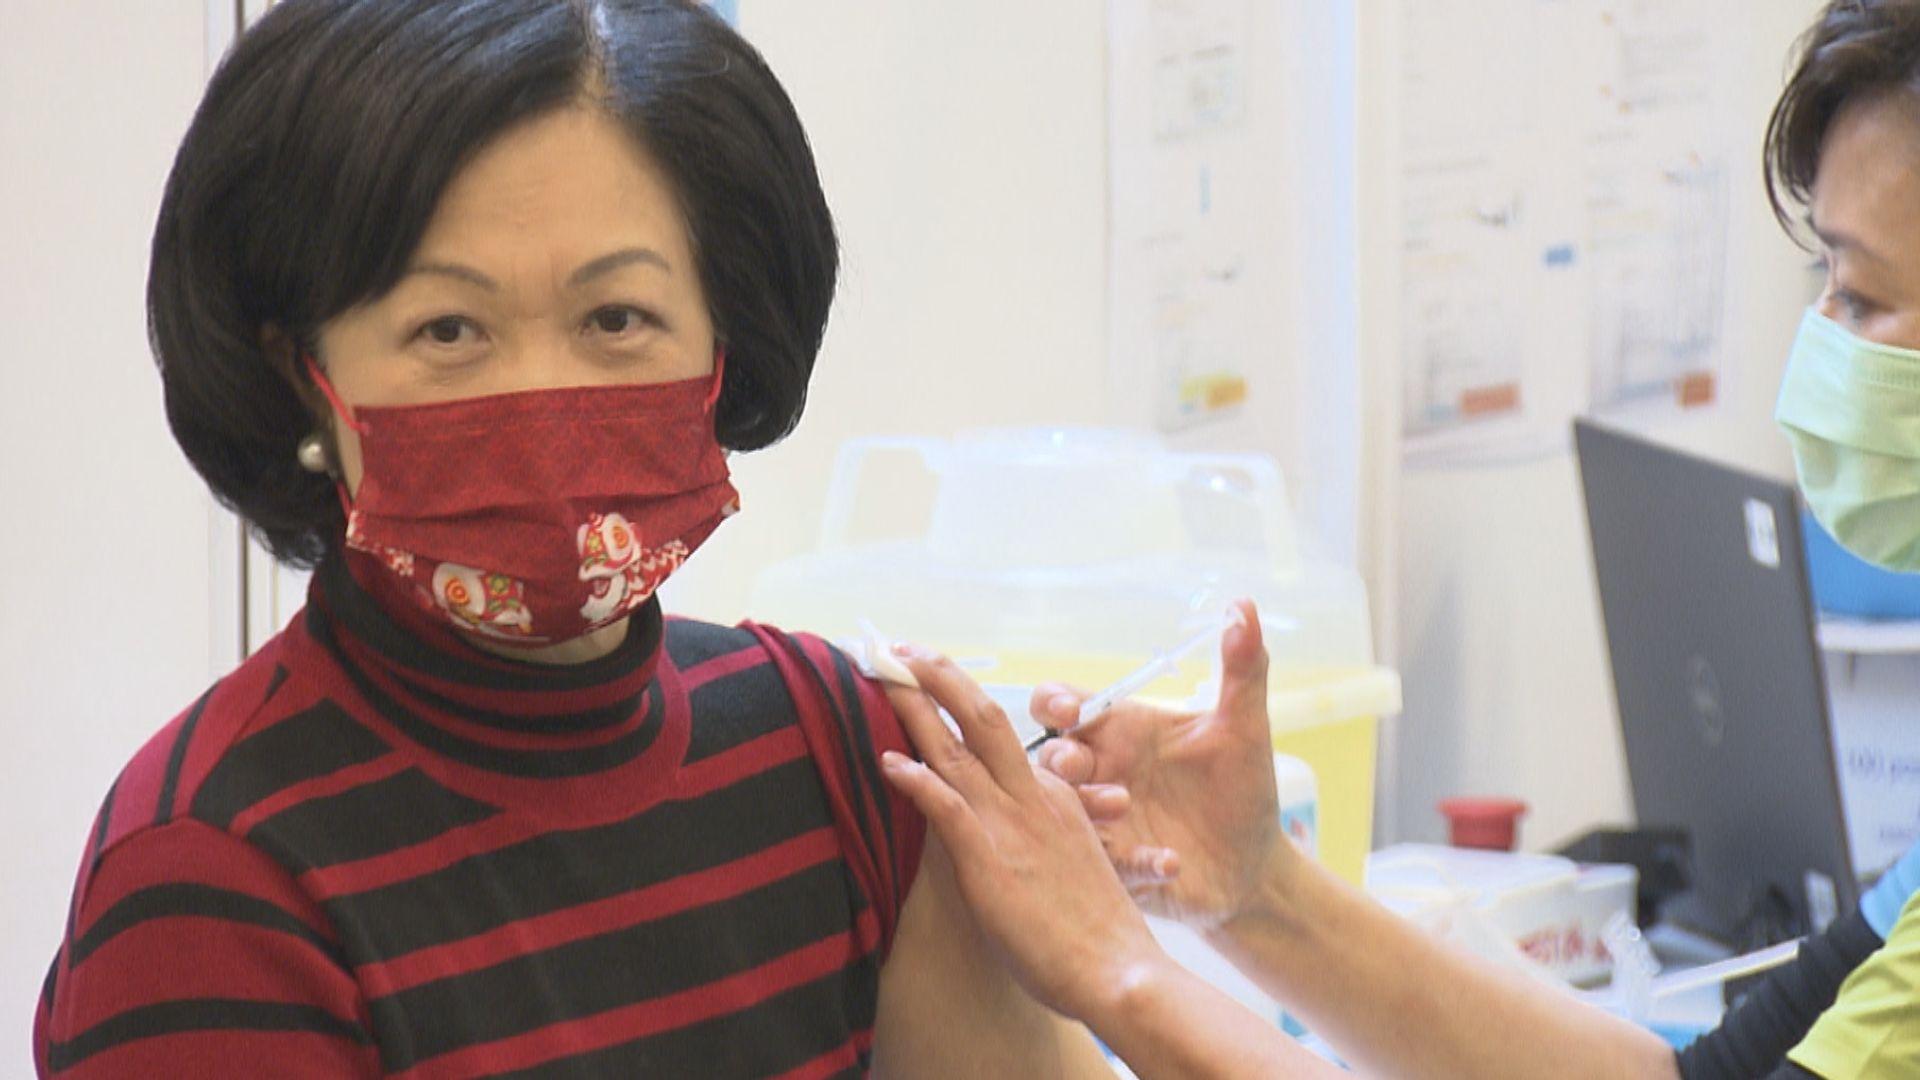 劉澤星:暫不推薦所有人驗抗體或接種第三針新冠疫苗